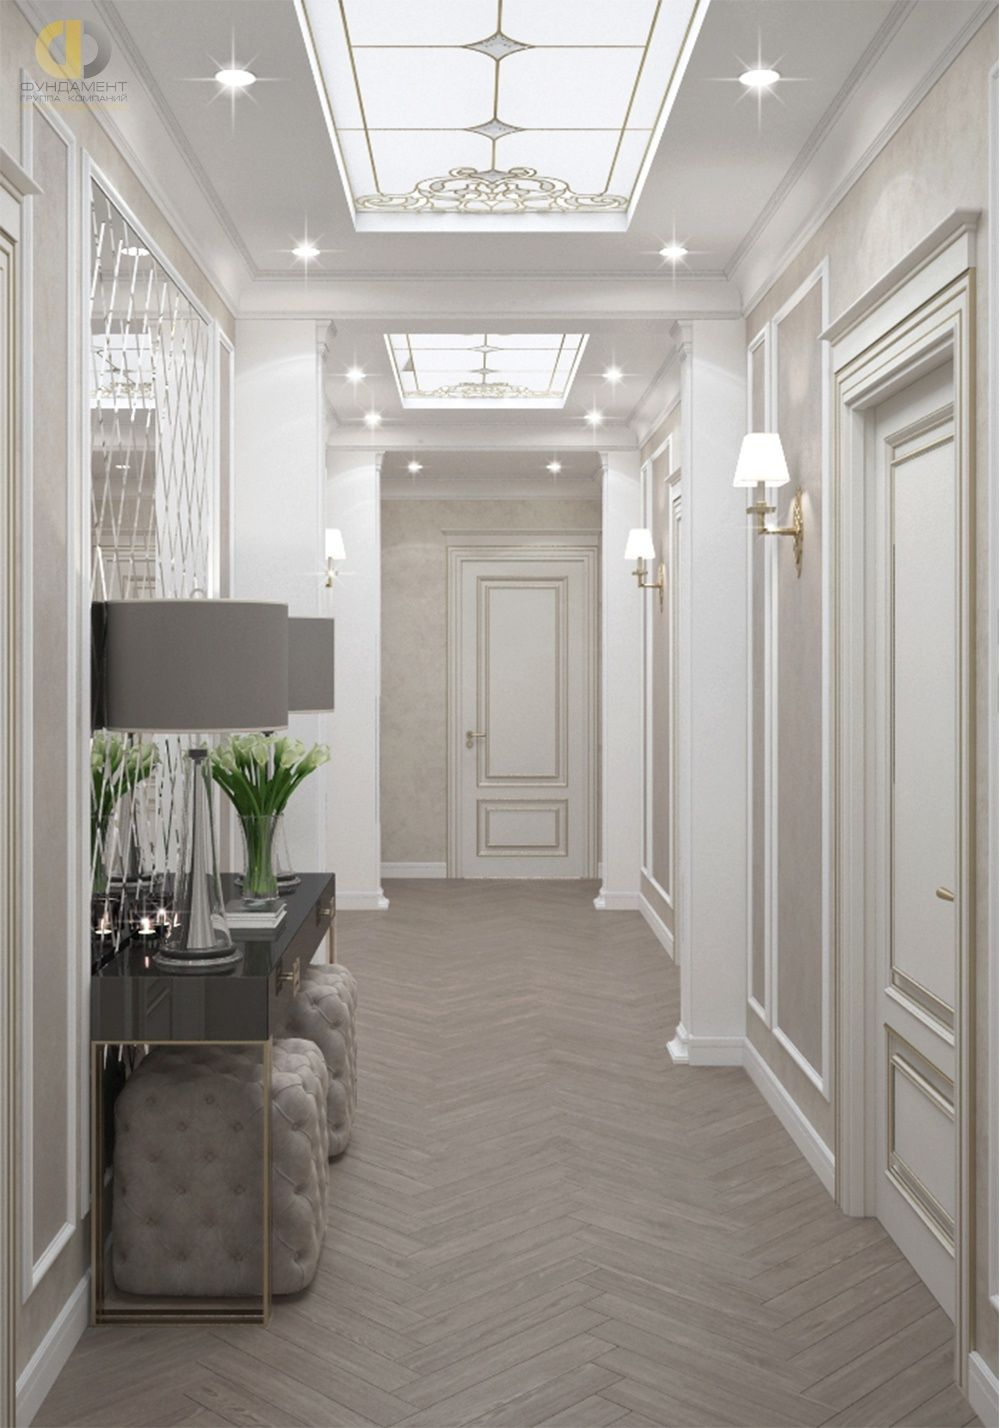 дизайн интерьера квартиры в стиле неоклассика 6